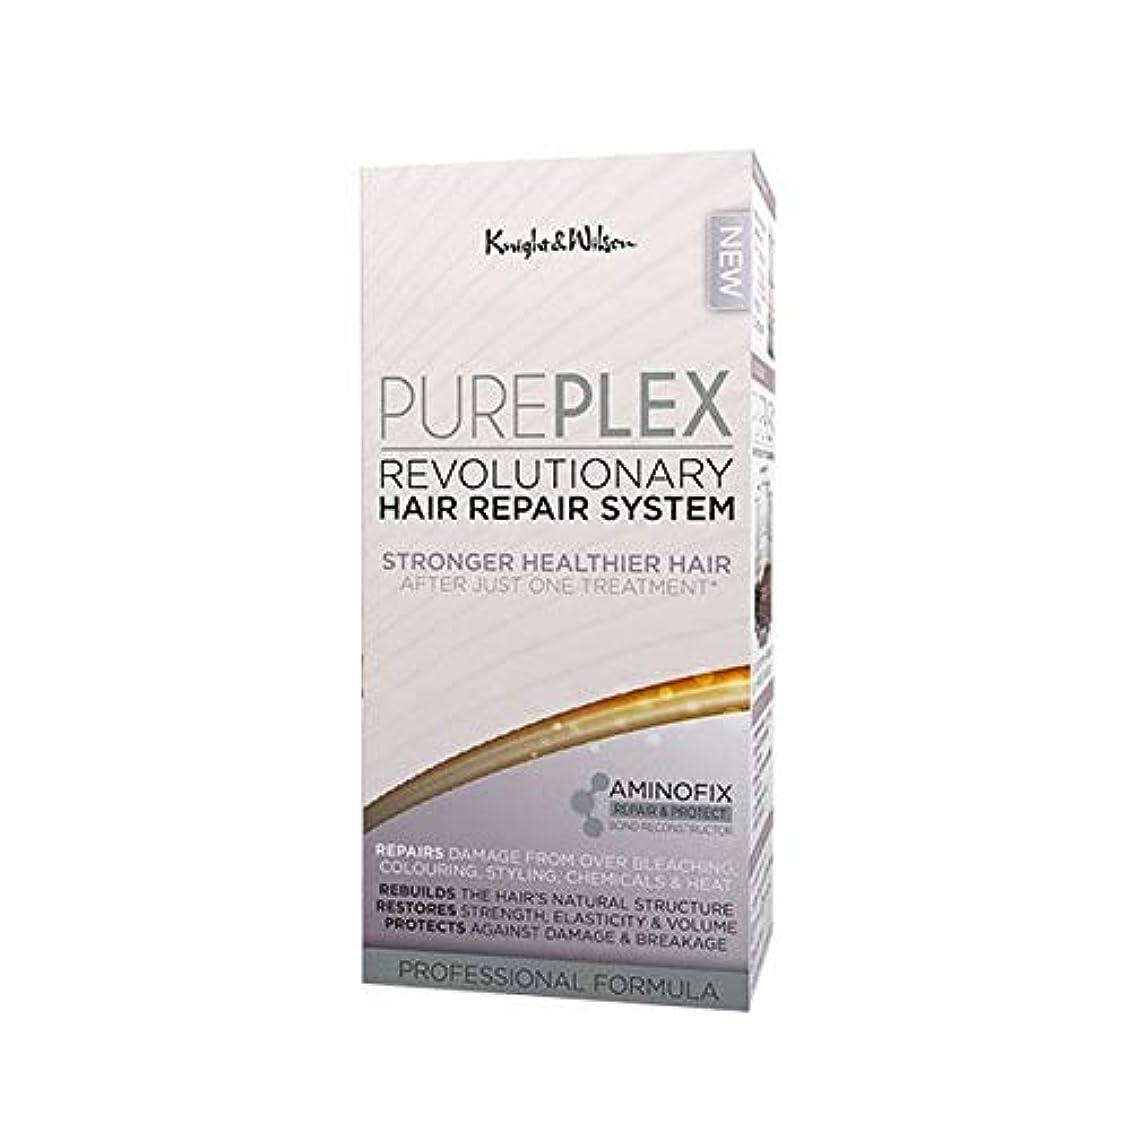 フィヨルドメイエラ明らか[Knight and Wilson ] 騎士とウィルソンPureplex画期的なヘア修復システム - Knight and Wilson PurePlex Revolutionary Hair Repair System [並行輸入品]